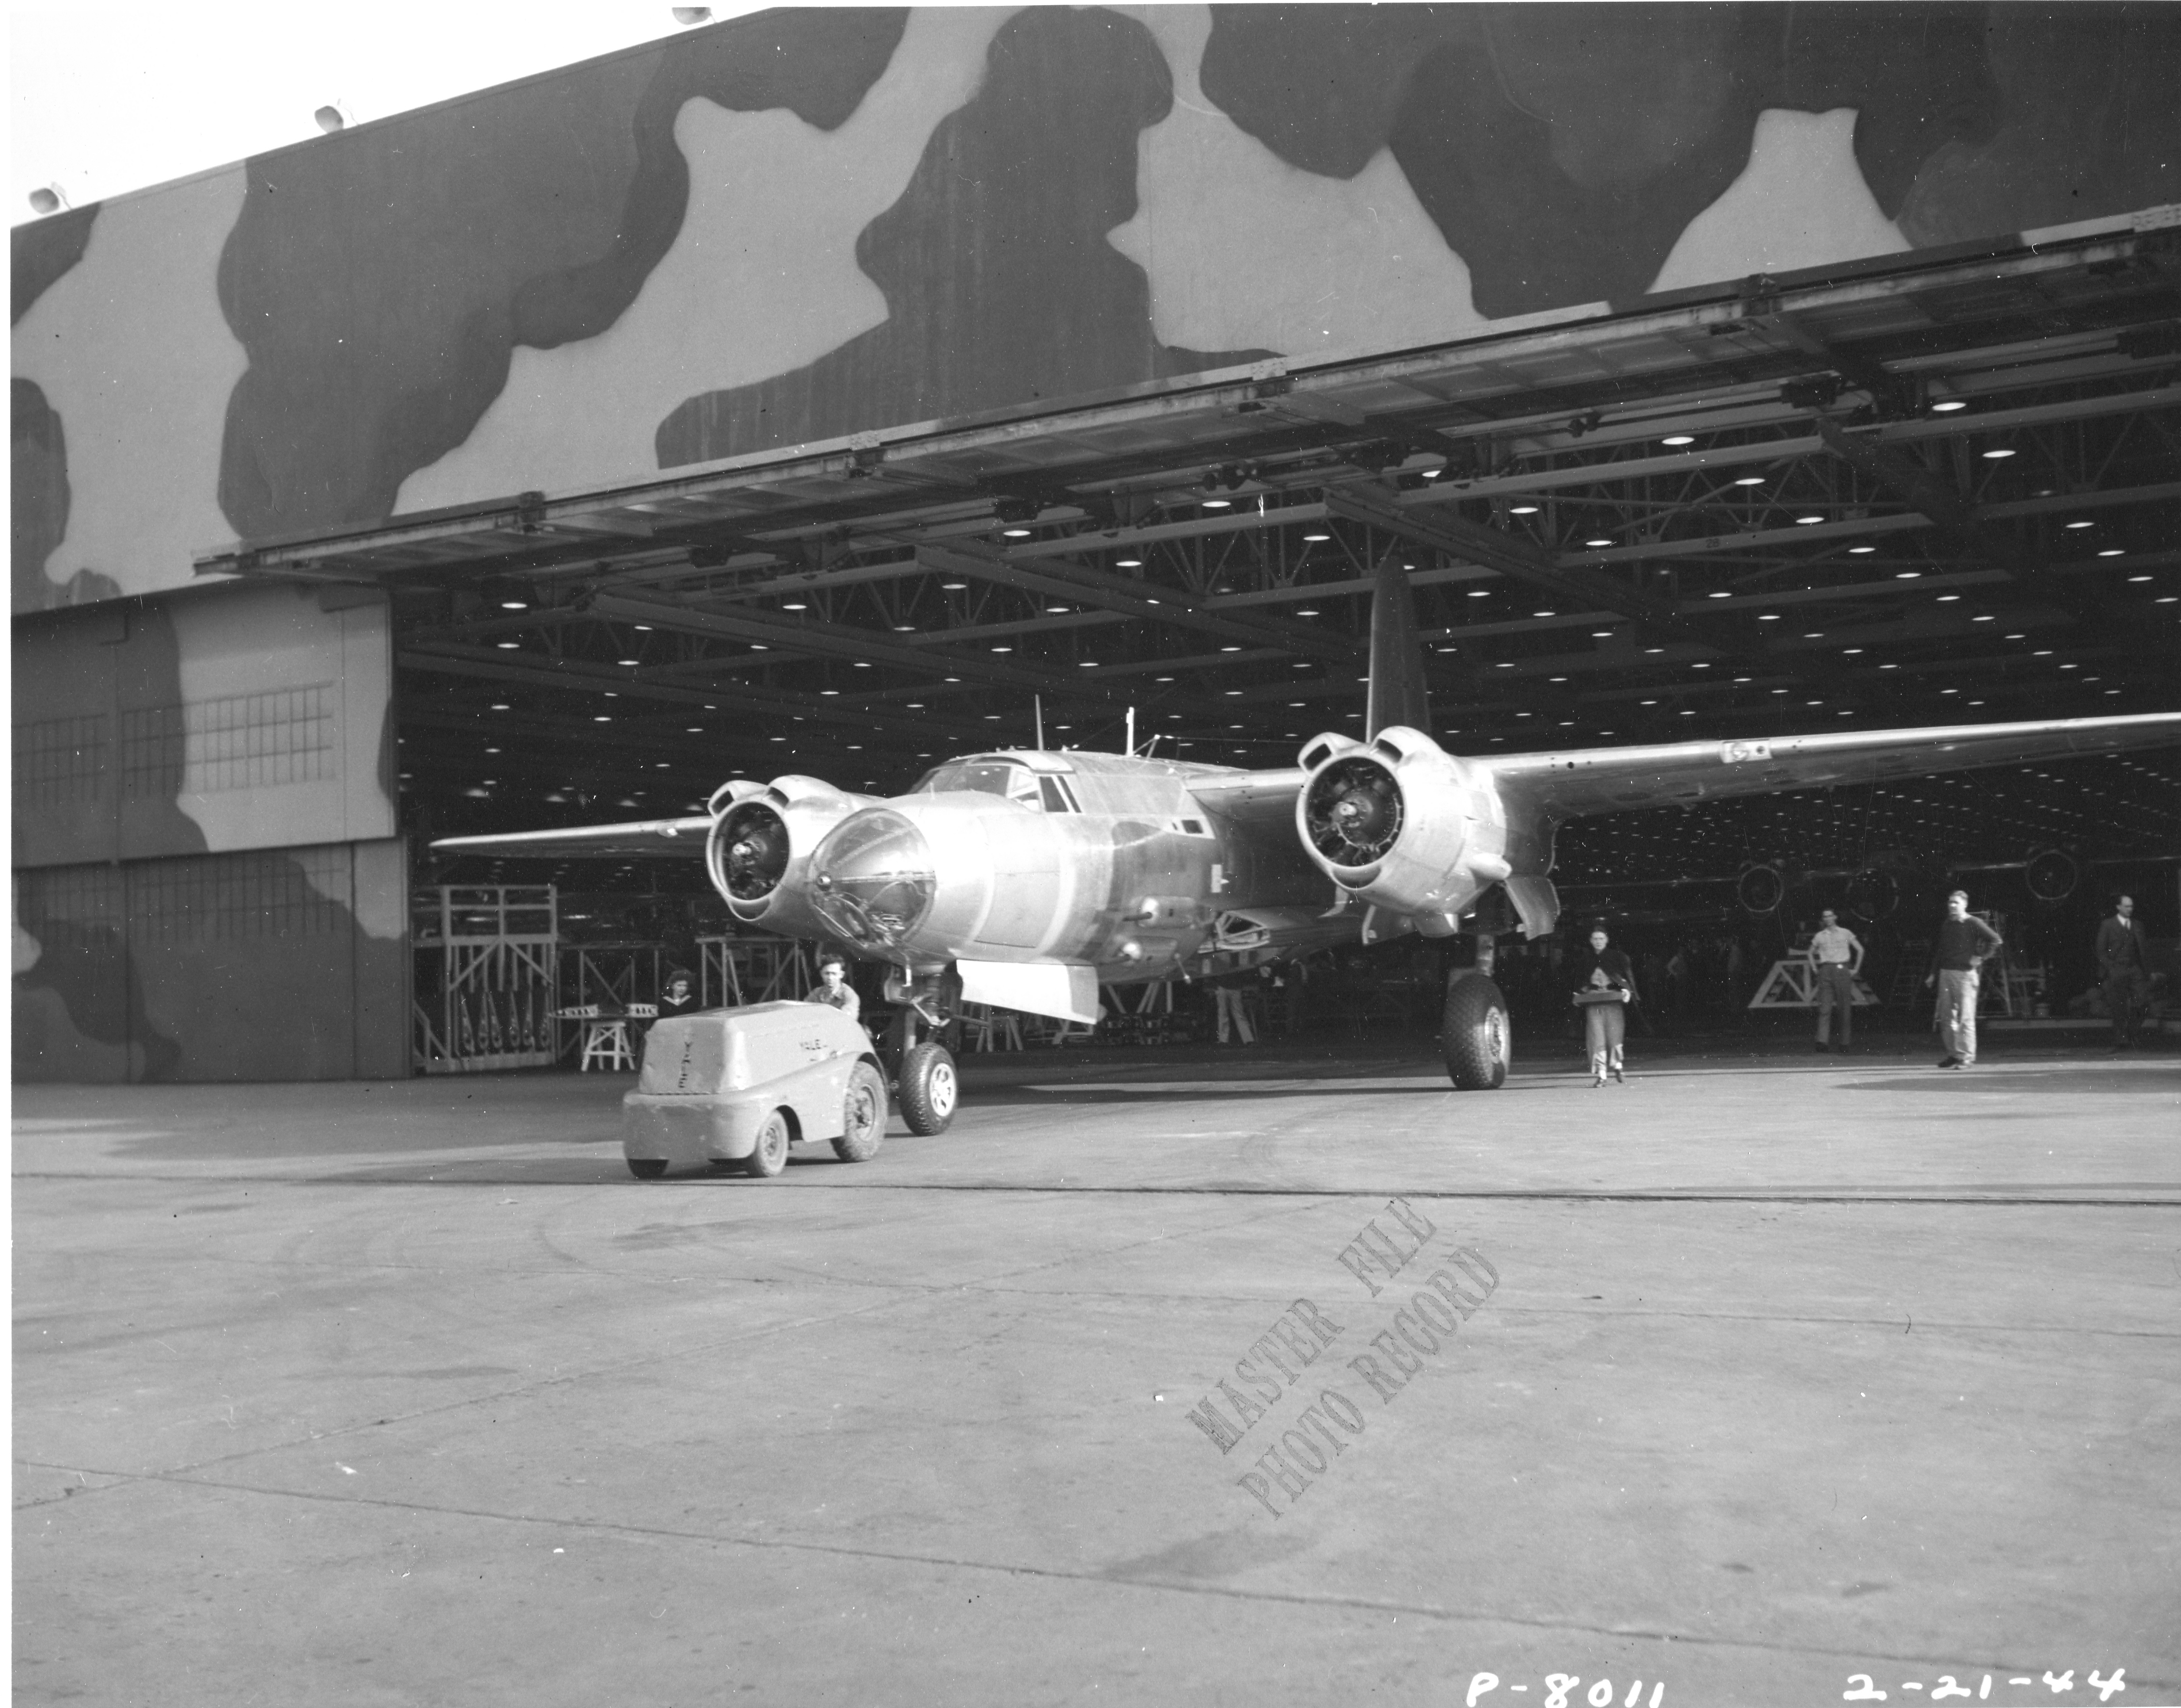 P-8011-B-26F-1 Final Assm Plt II 2-21-44